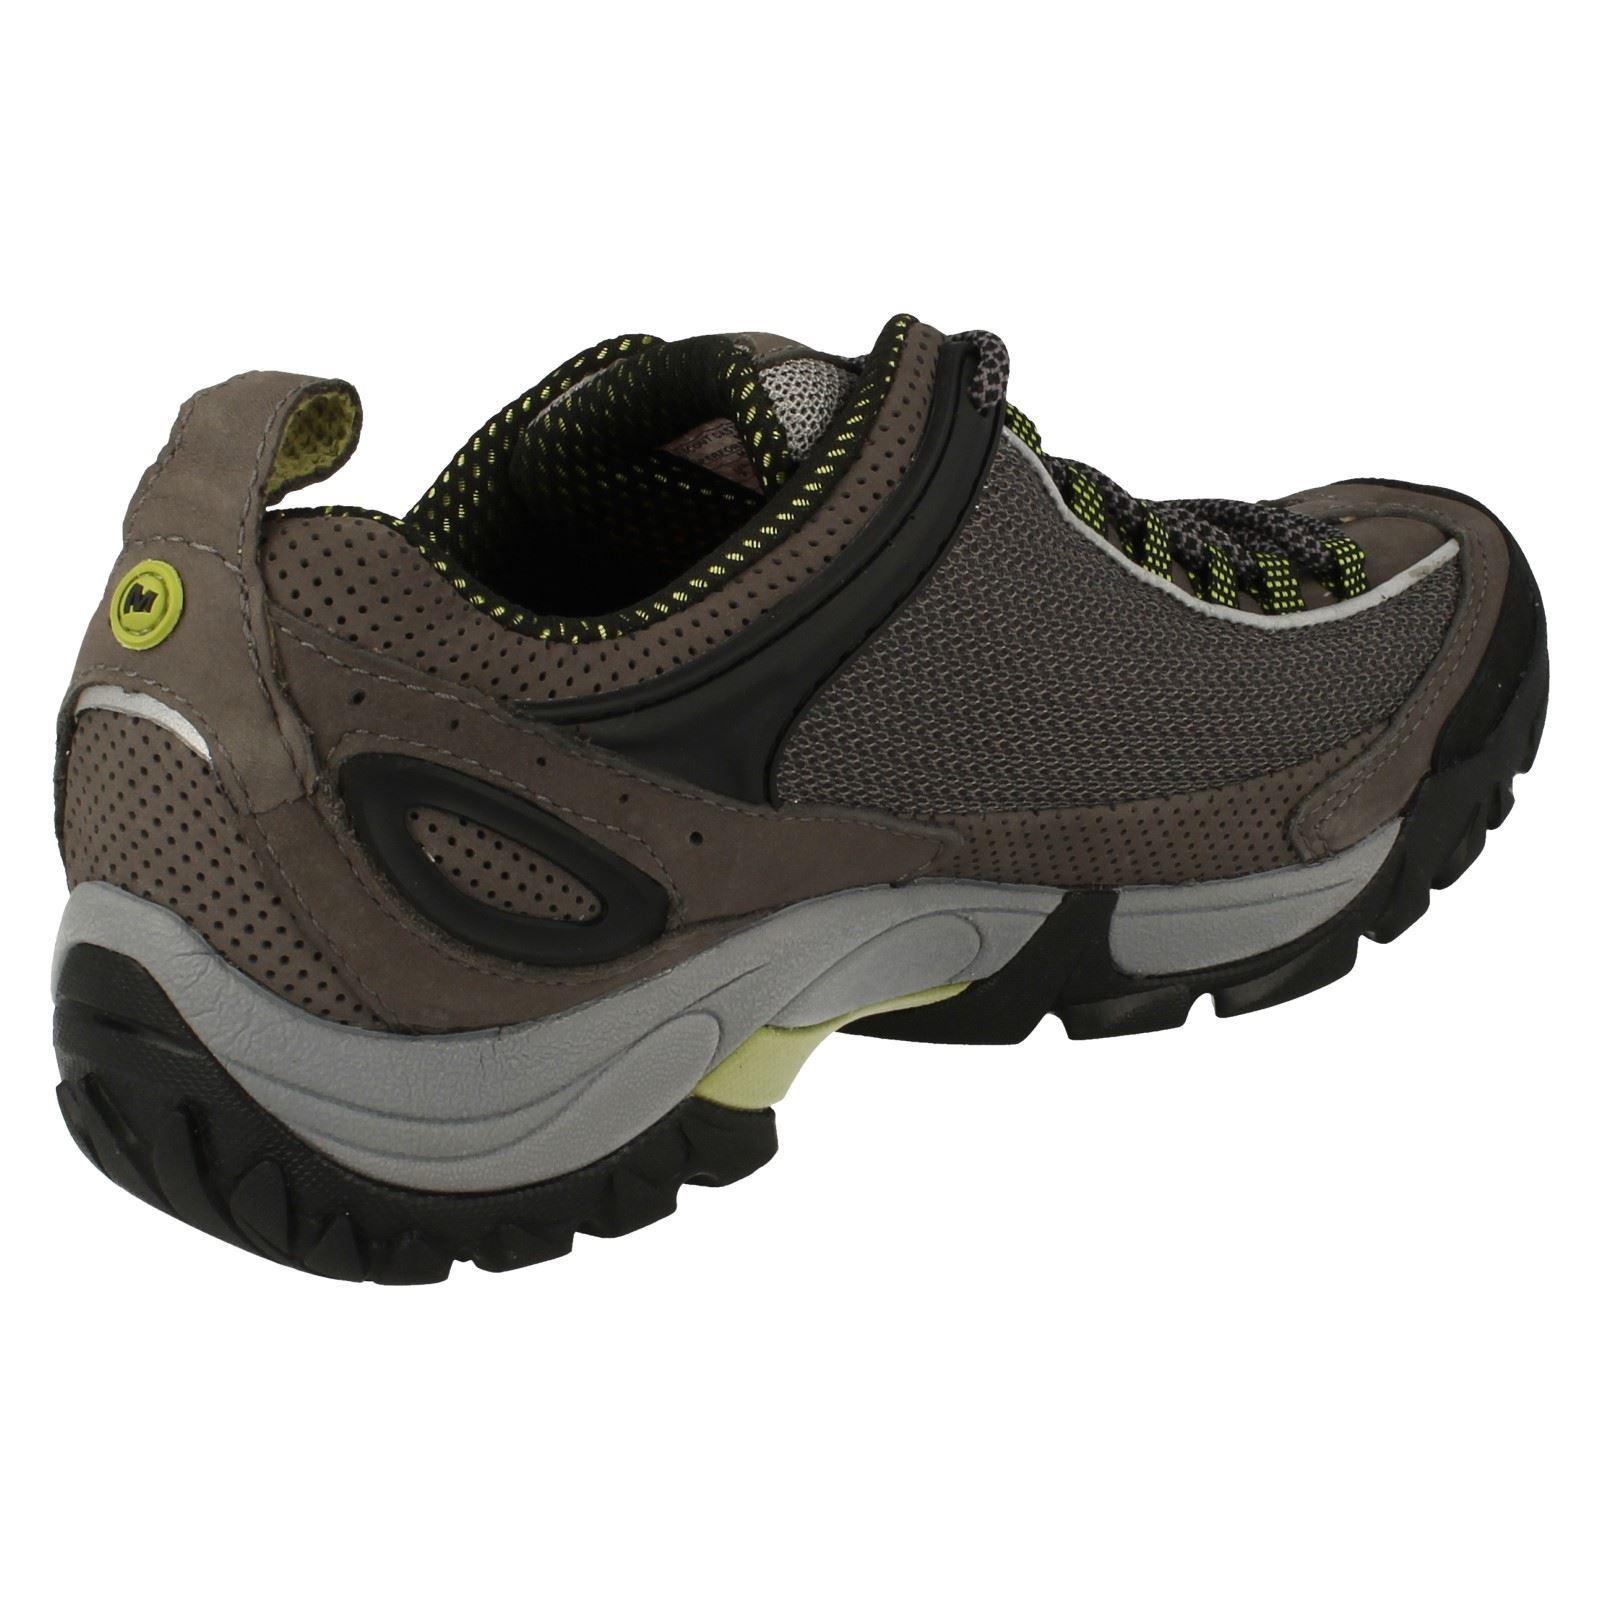 Casual scarpe Trainer da uomo Merrell J16229-Scout   Moda moderna moderna moderna ed elegante  48e95a